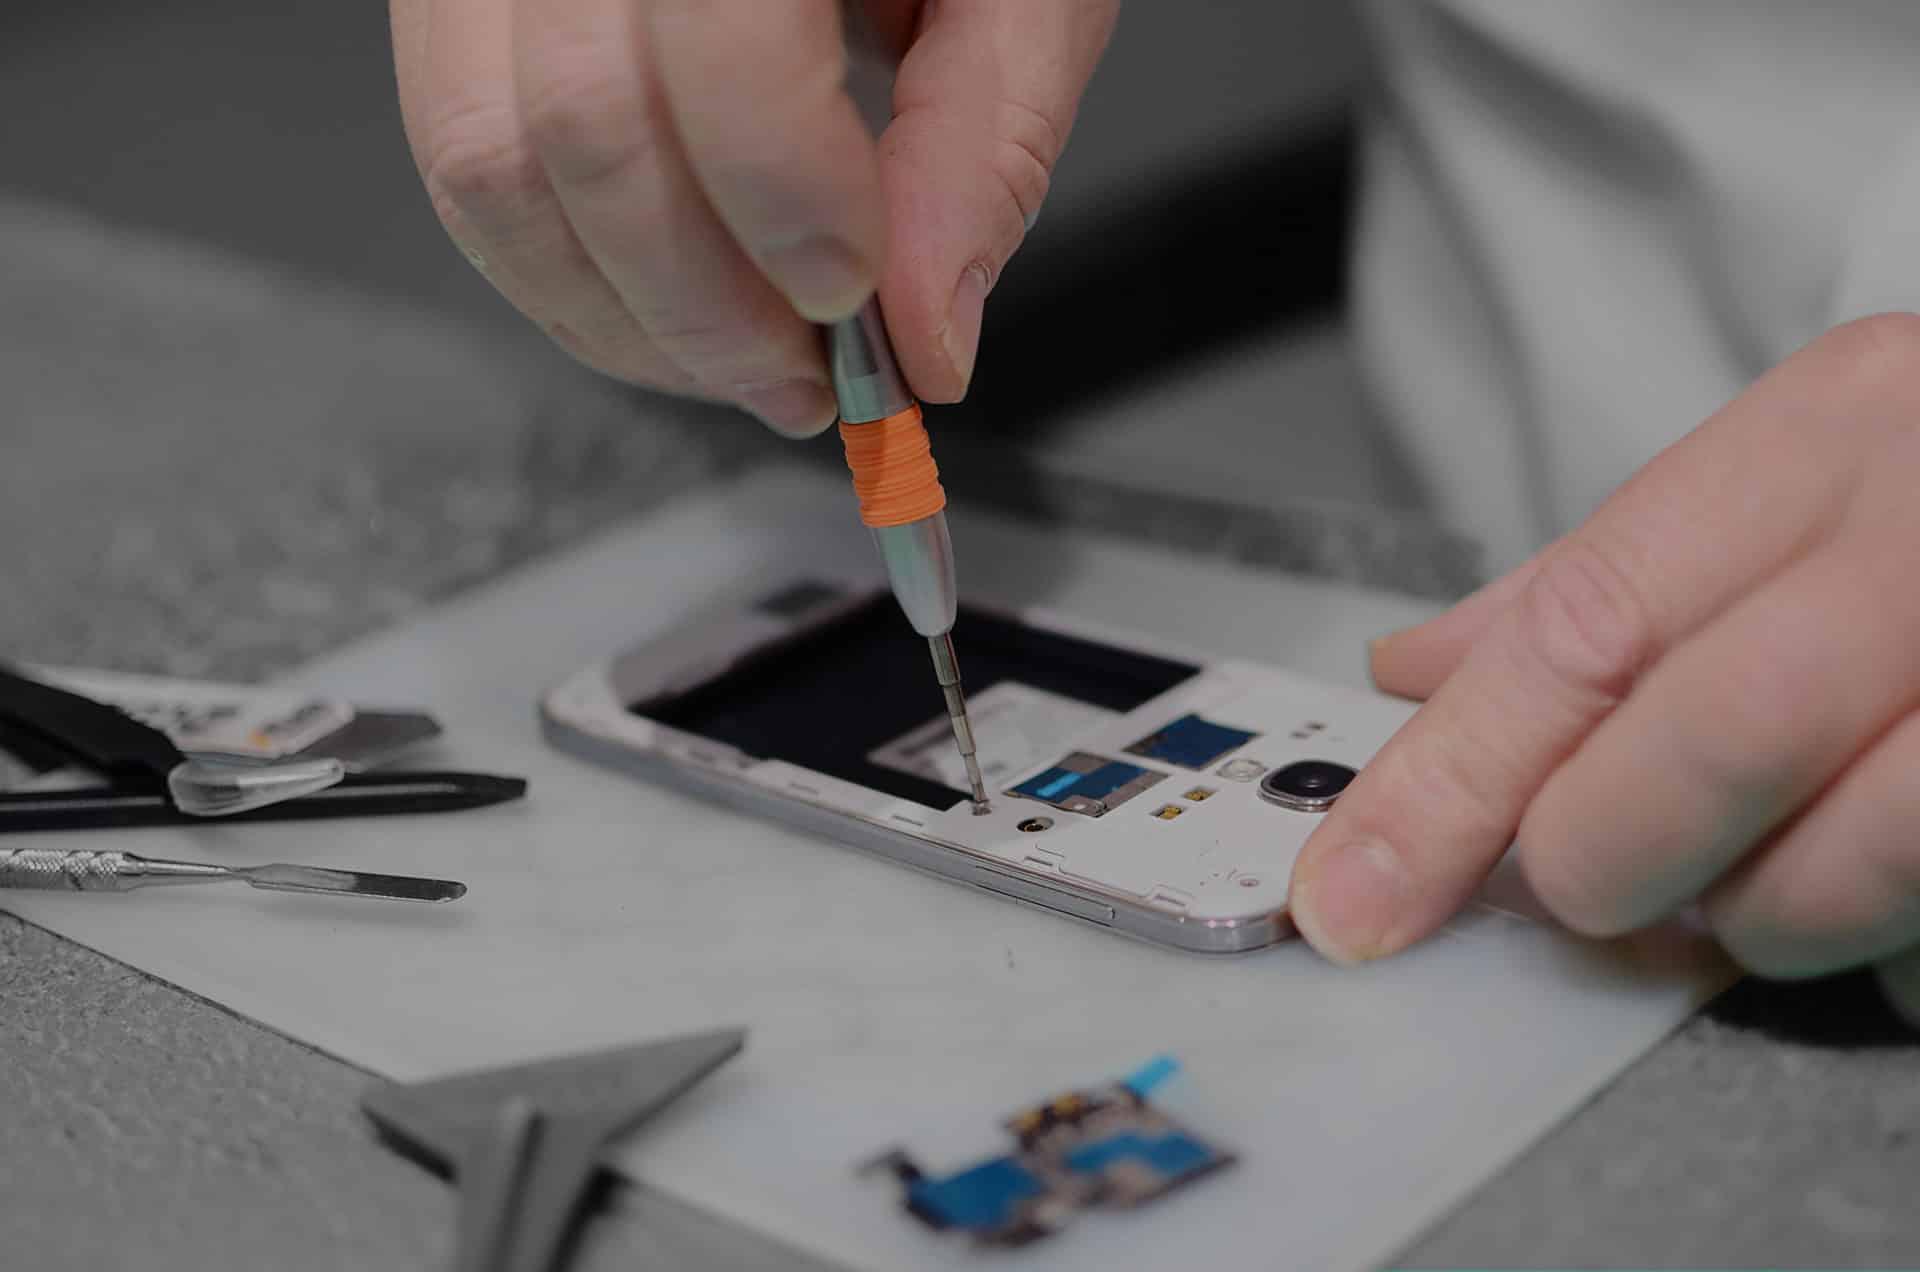 réparer un portable Samsung